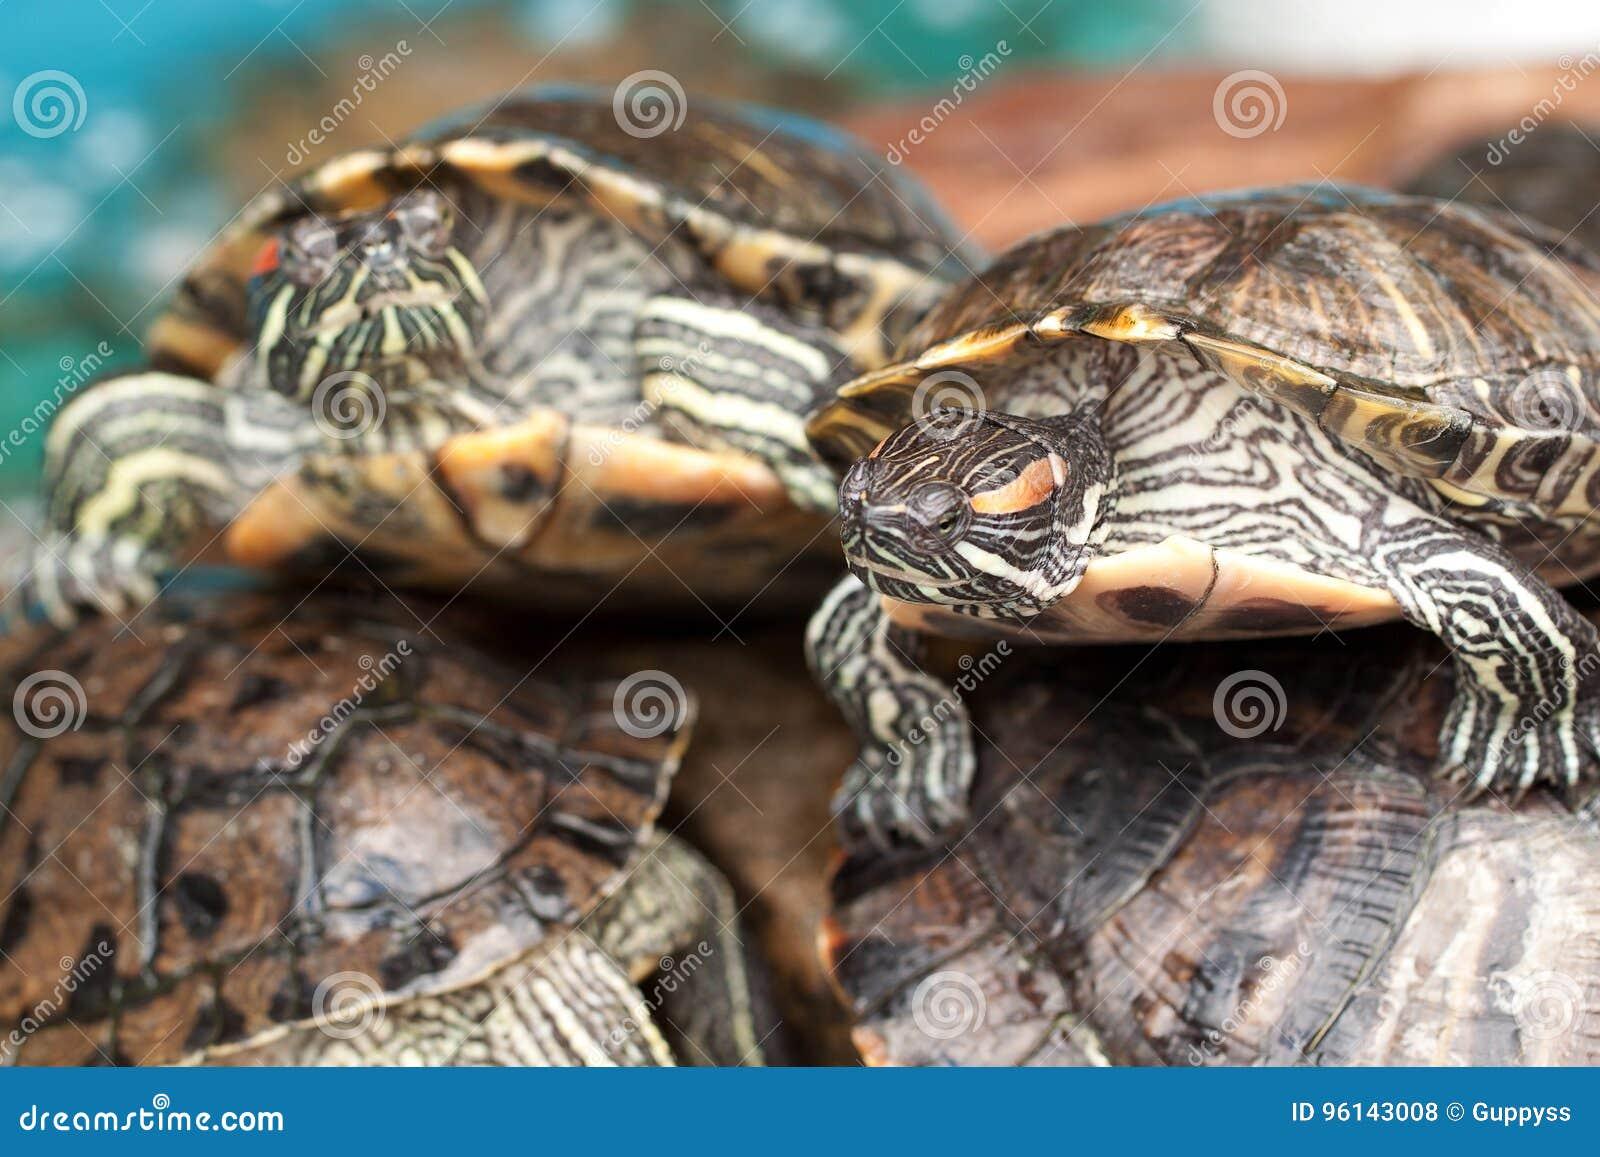 美丽的镶边乌龟